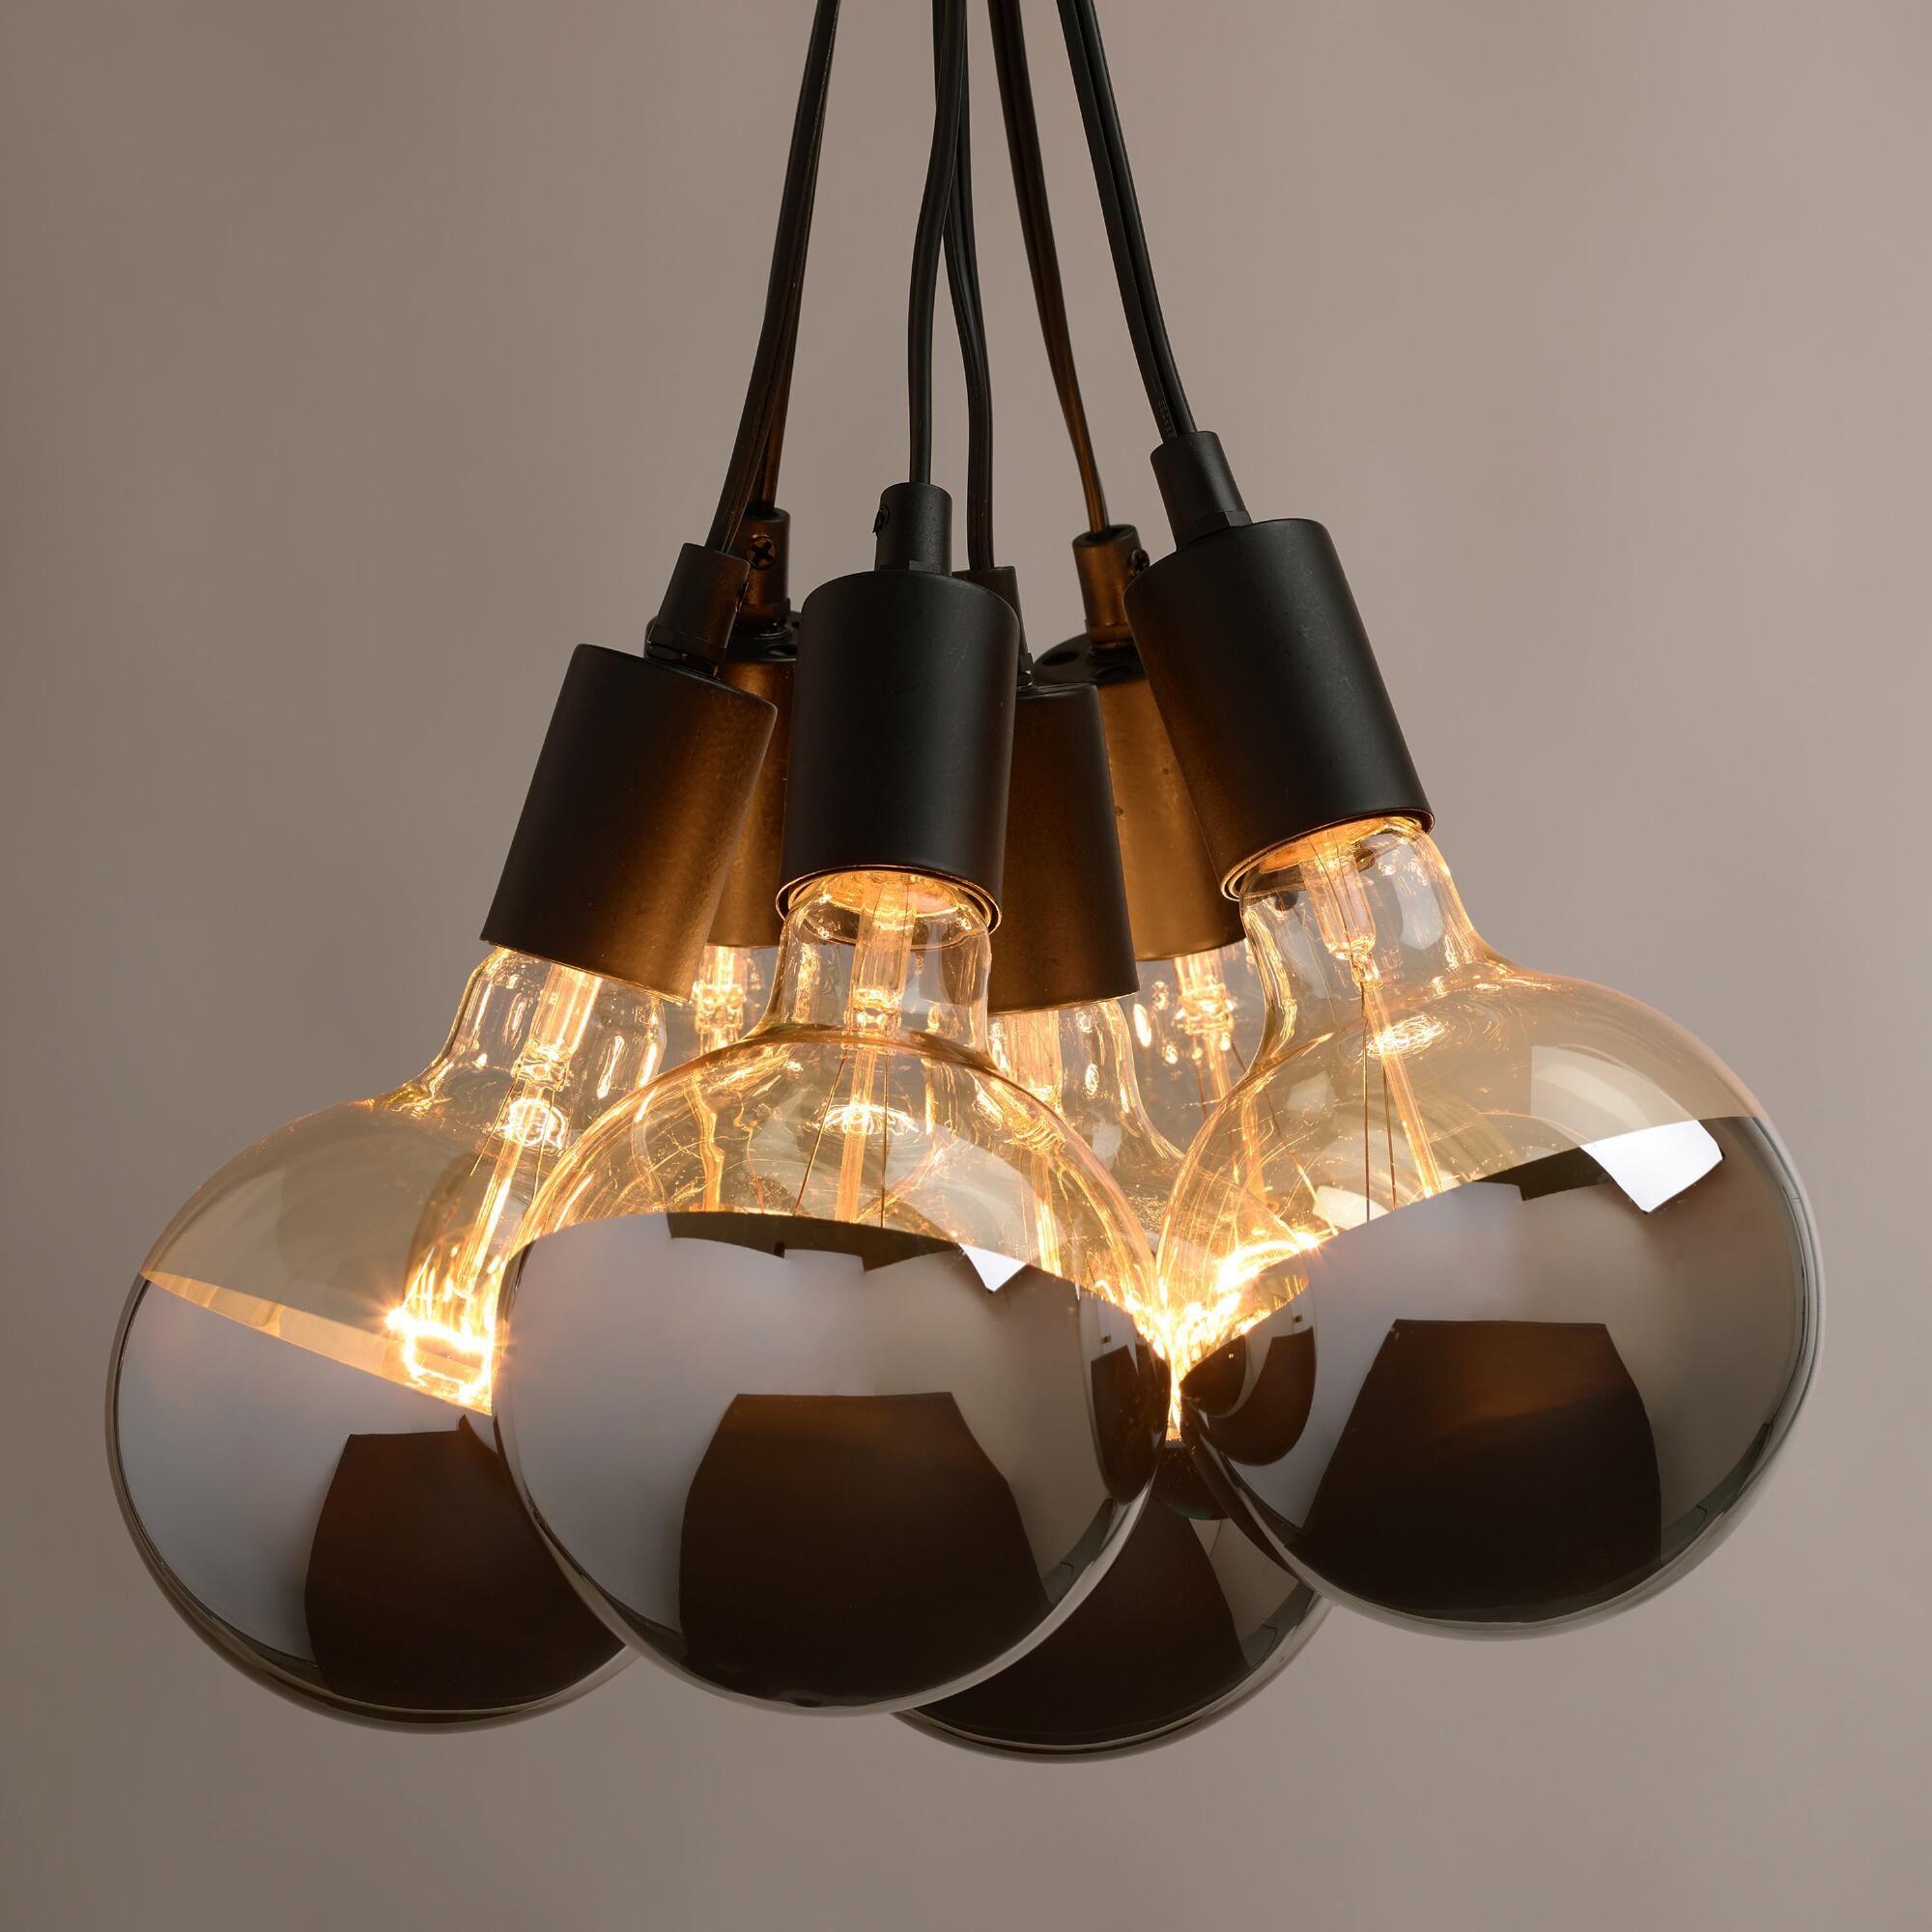 6 Bulb Bathroom Light Fixture Part - 44: 6 Bulb Bathroom Light Fixture -  Chrome